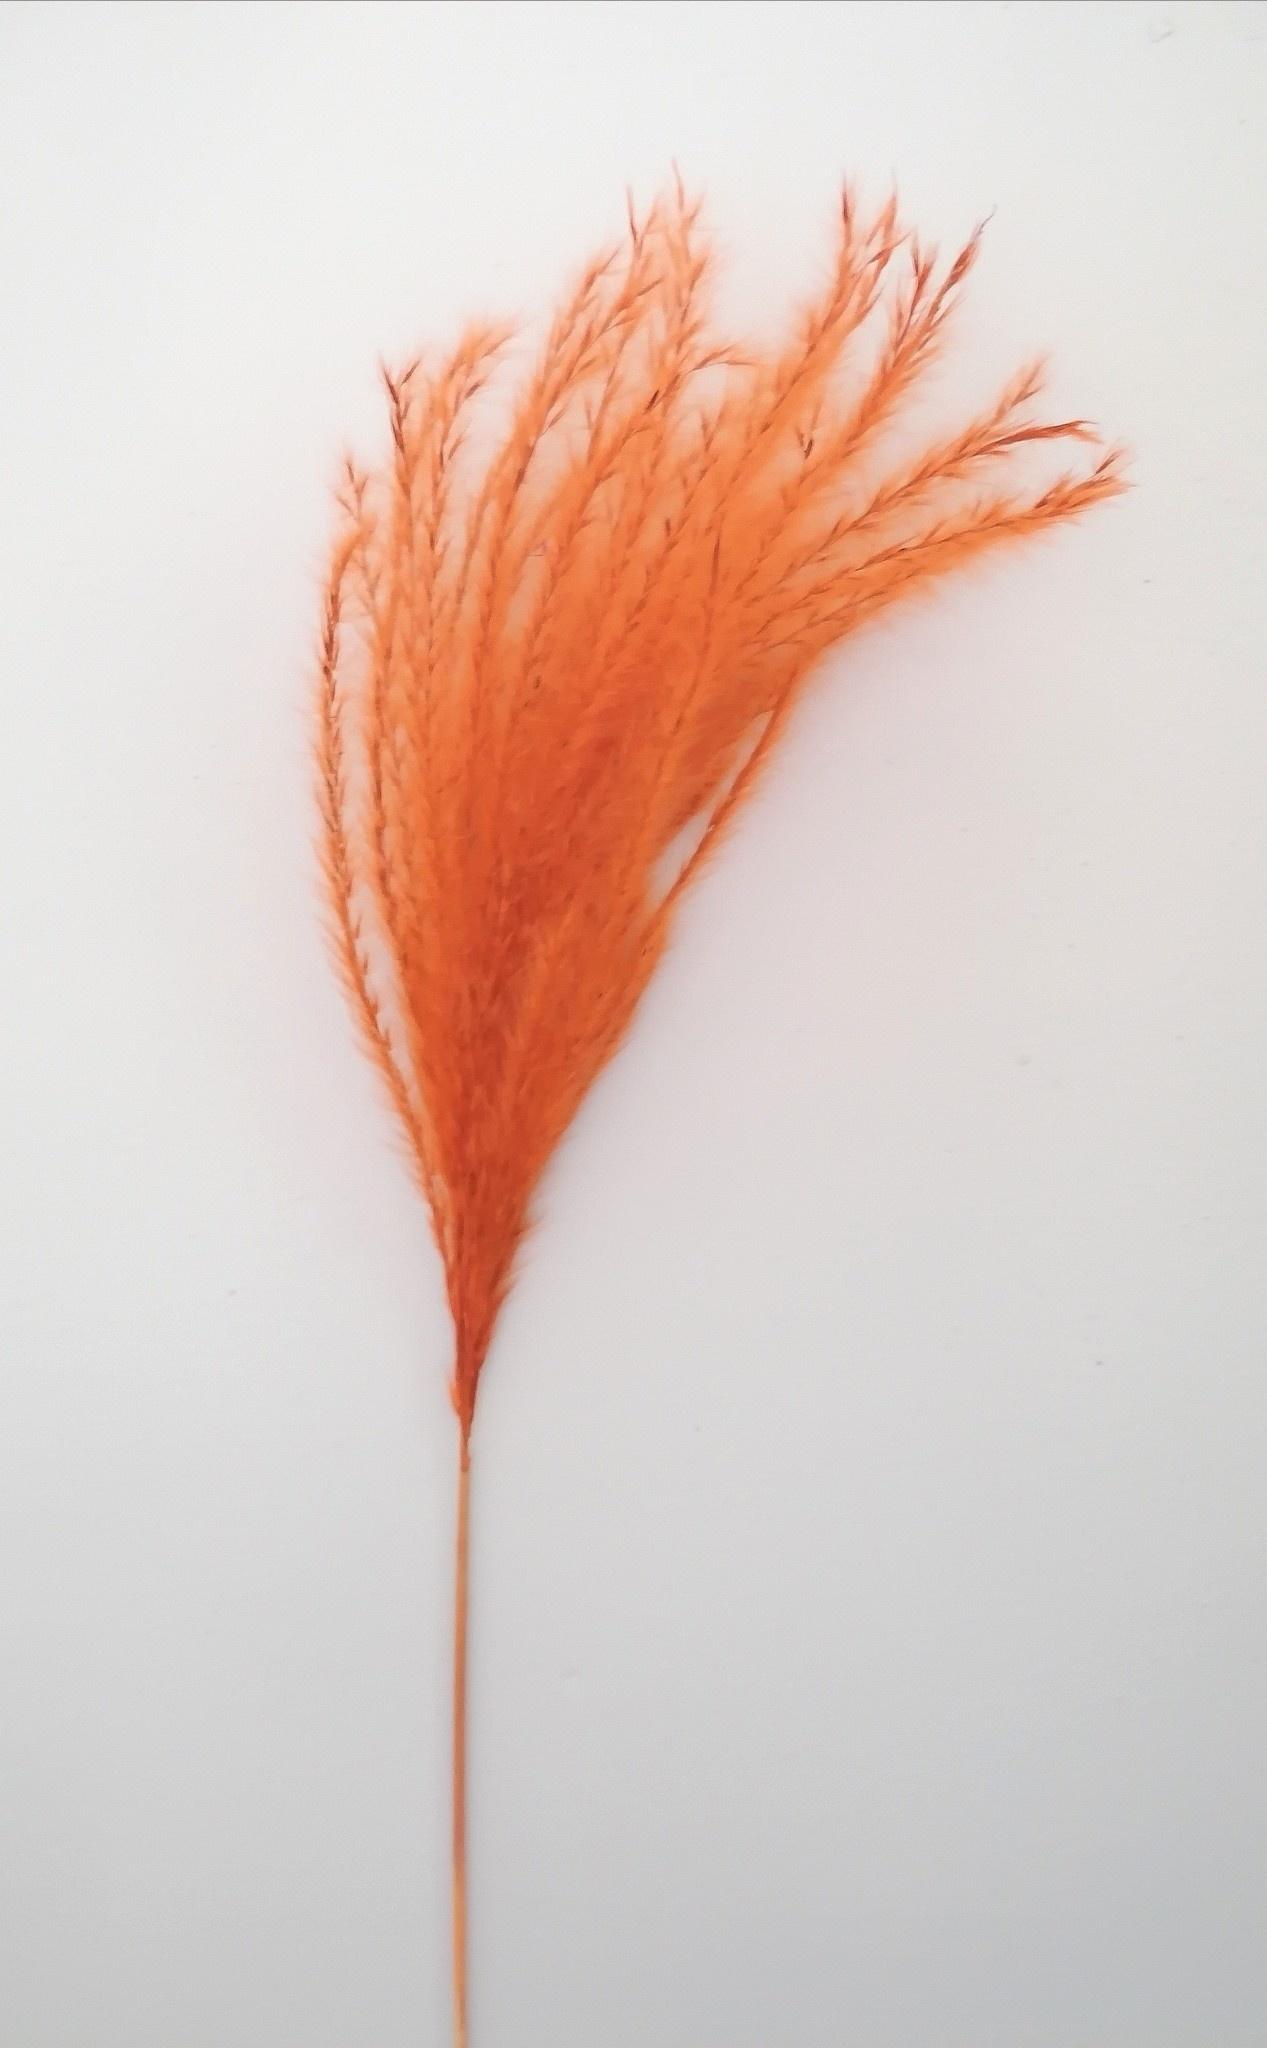 Miscantus Oranje-2